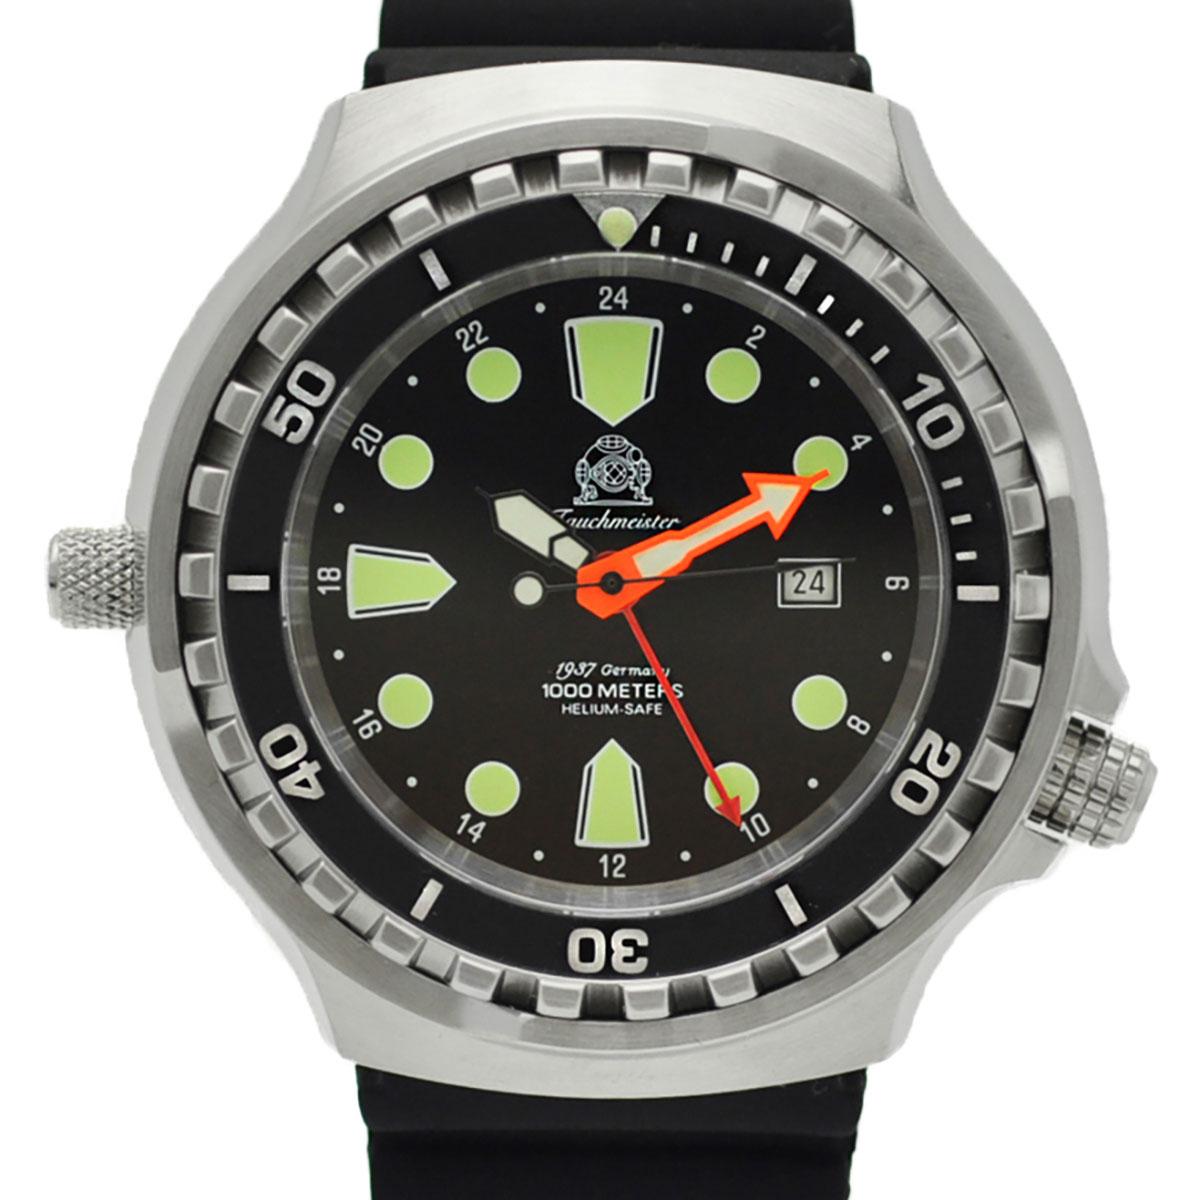 Tauchmeister 1937 トーチマイスター1937 自動巻き(手巻き機能あり) 腕時計 [T0309] 正規代理店品  デイト 逆回転防止ベゼル ダイバーズ ヘリウムエスケープバルブ